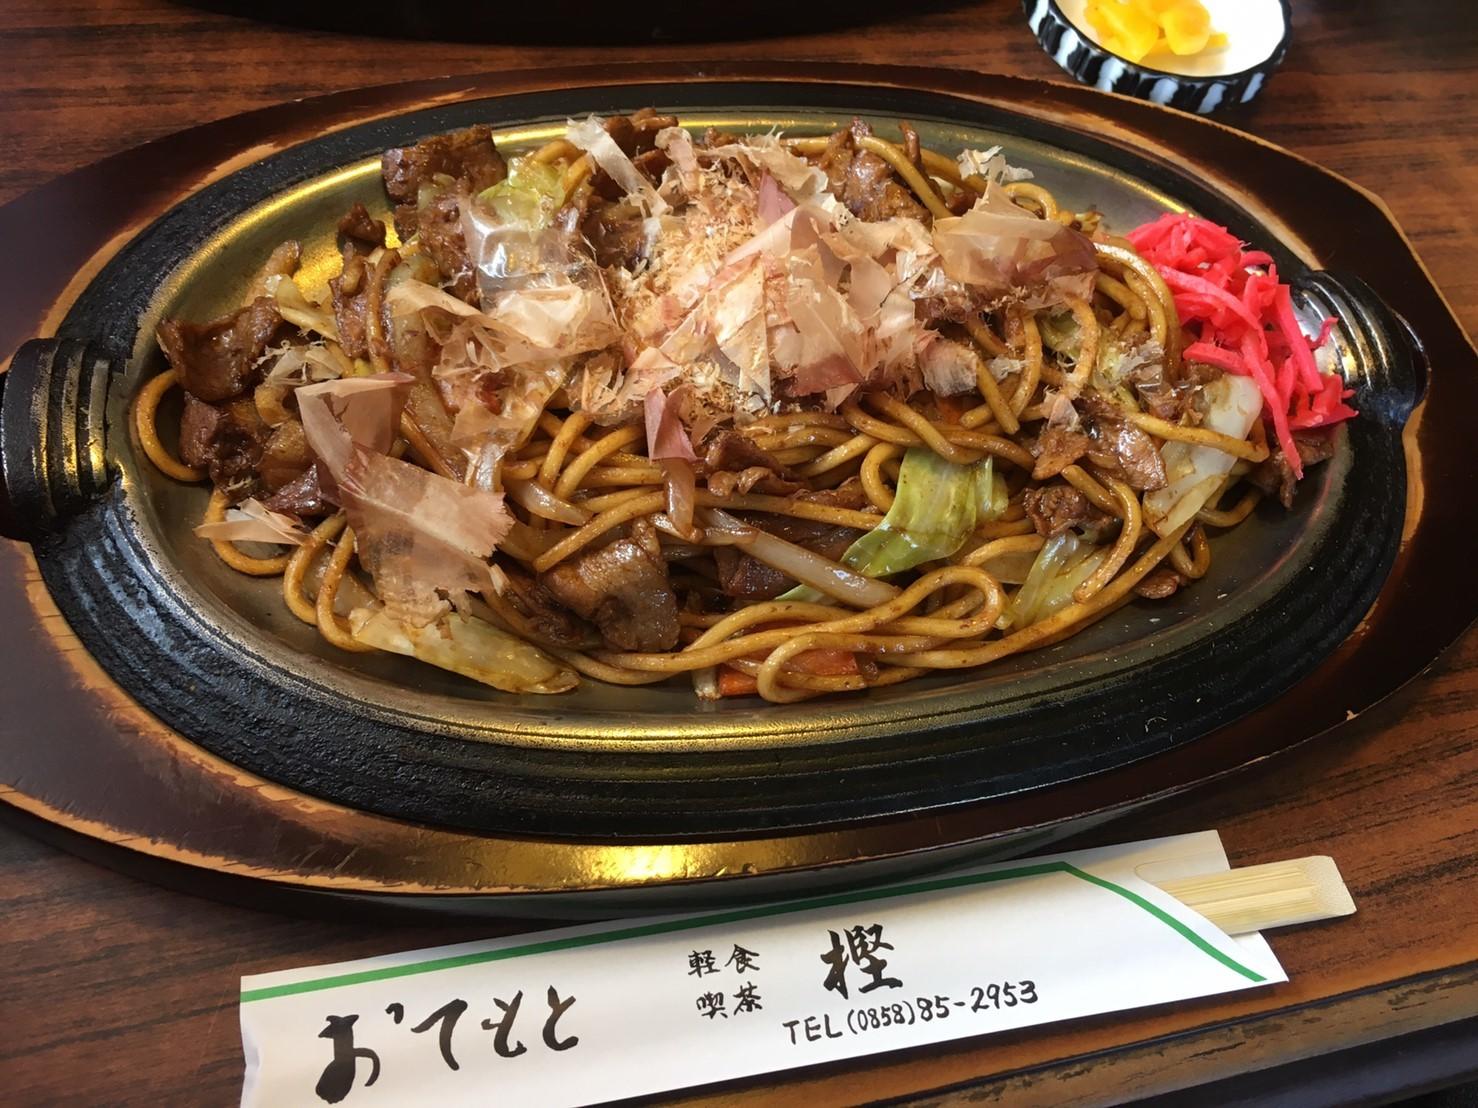 軽食喫茶 樫_e0115904_05472023.jpg